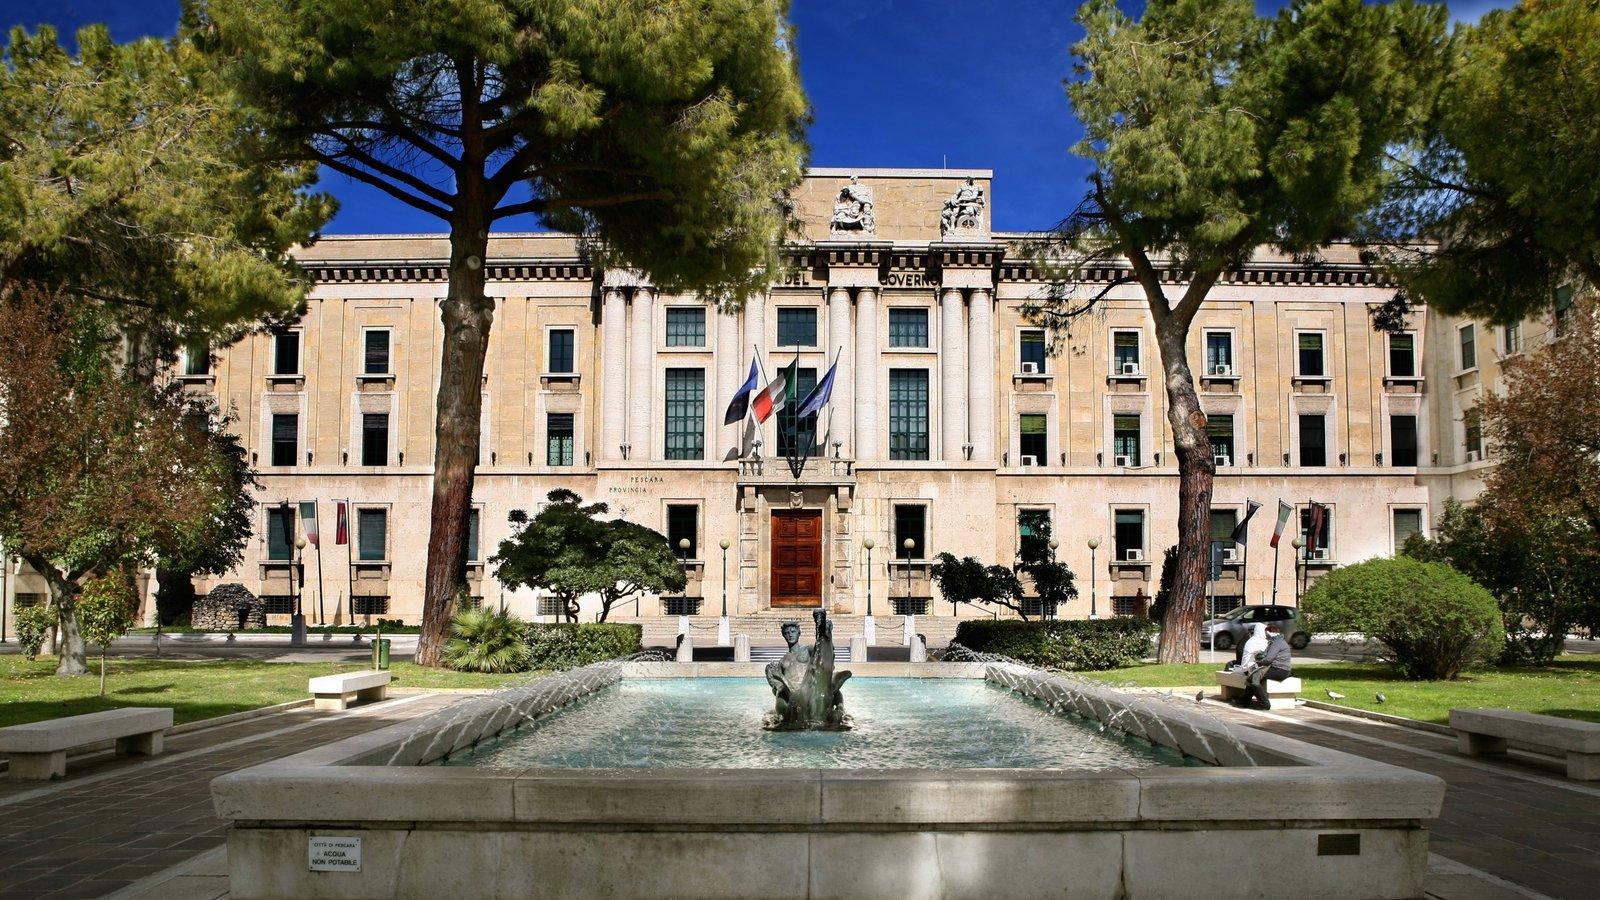 Pescara que inclui elementos de patrimônio e uma fonte